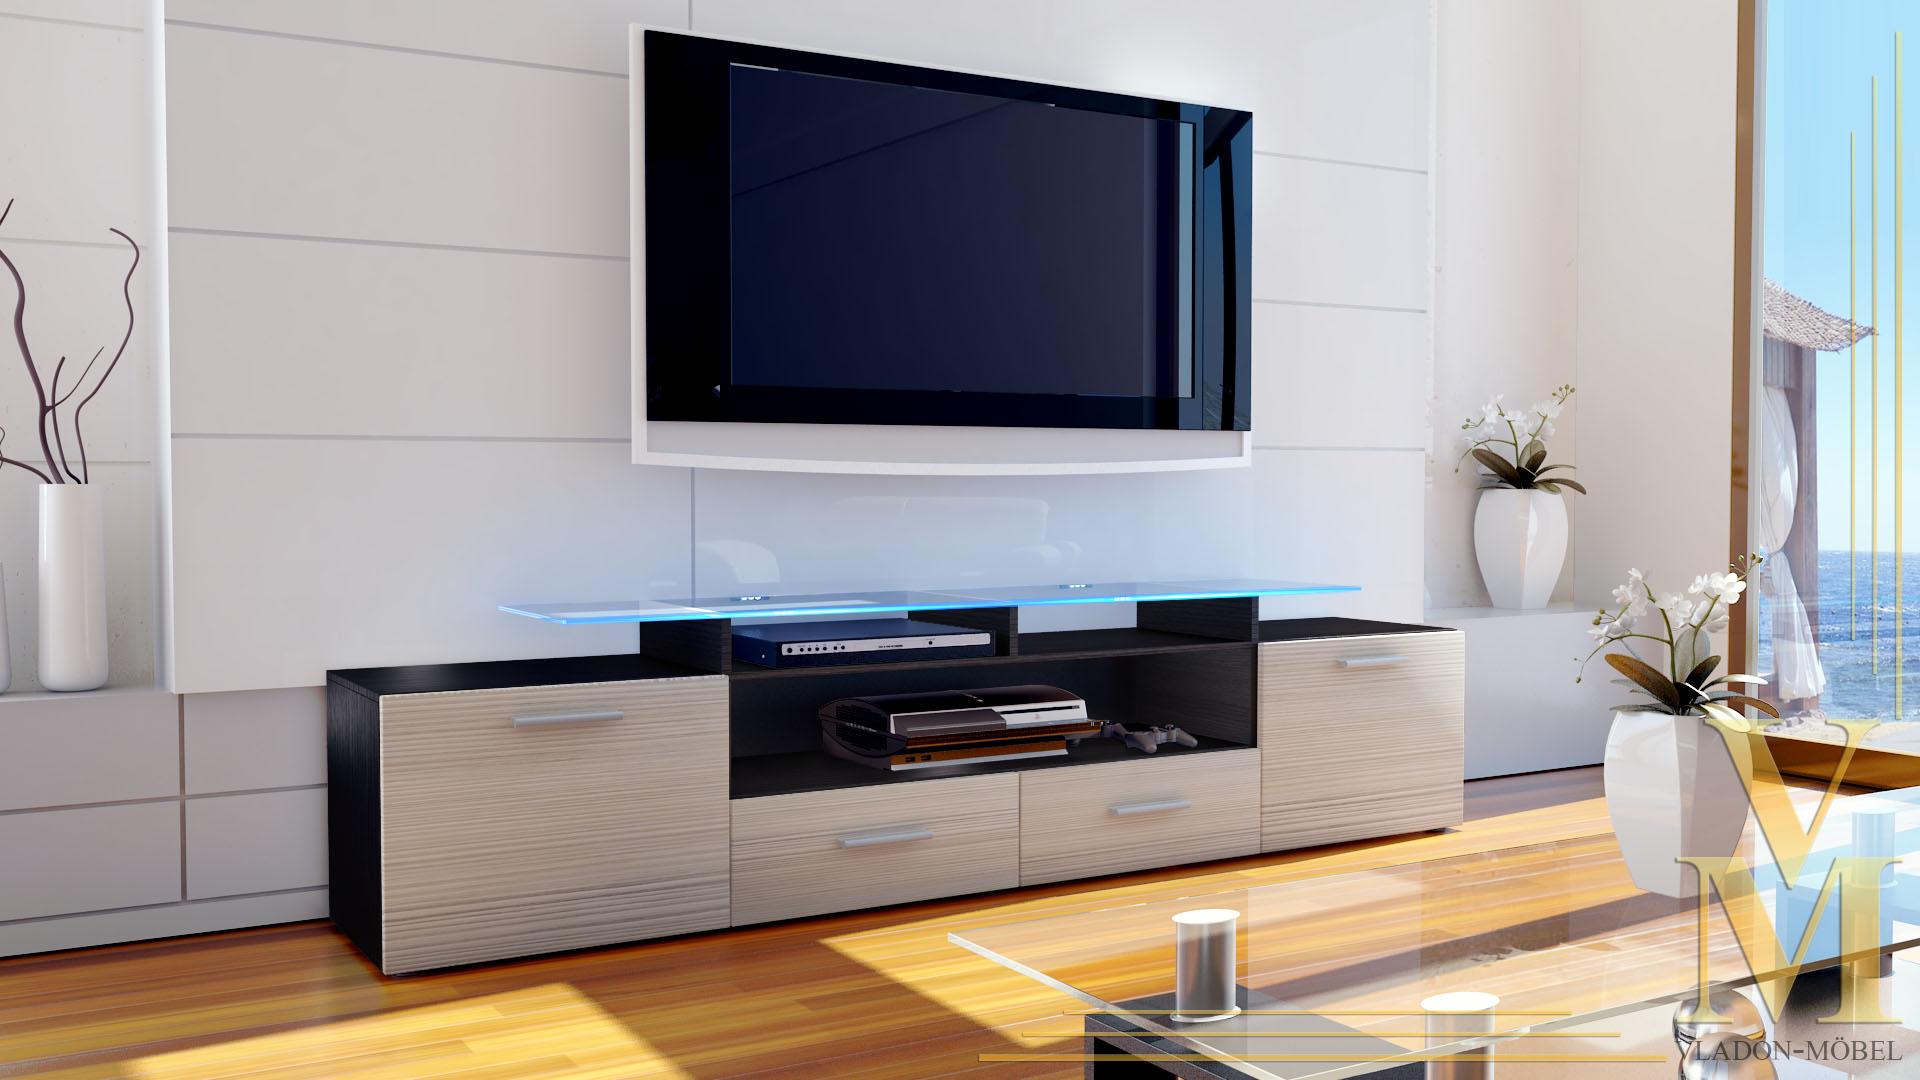 tv board lowboard sideboard rack m bel almada v2 schwarz hochglanz naturt ne ebay. Black Bedroom Furniture Sets. Home Design Ideas